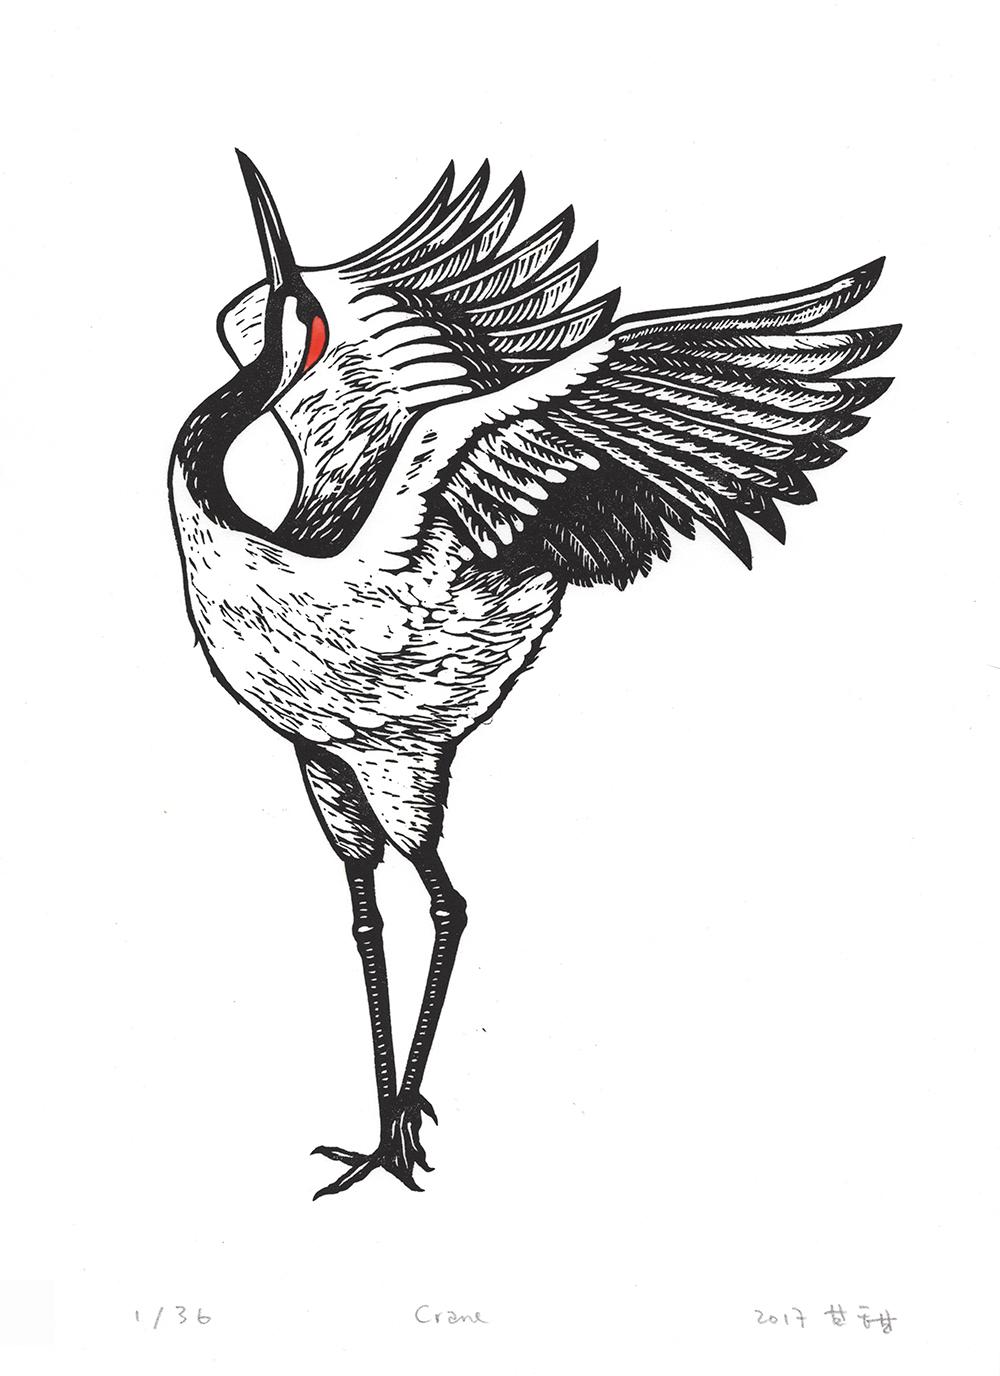 crane-linocut-gan-tian-1000.jpg